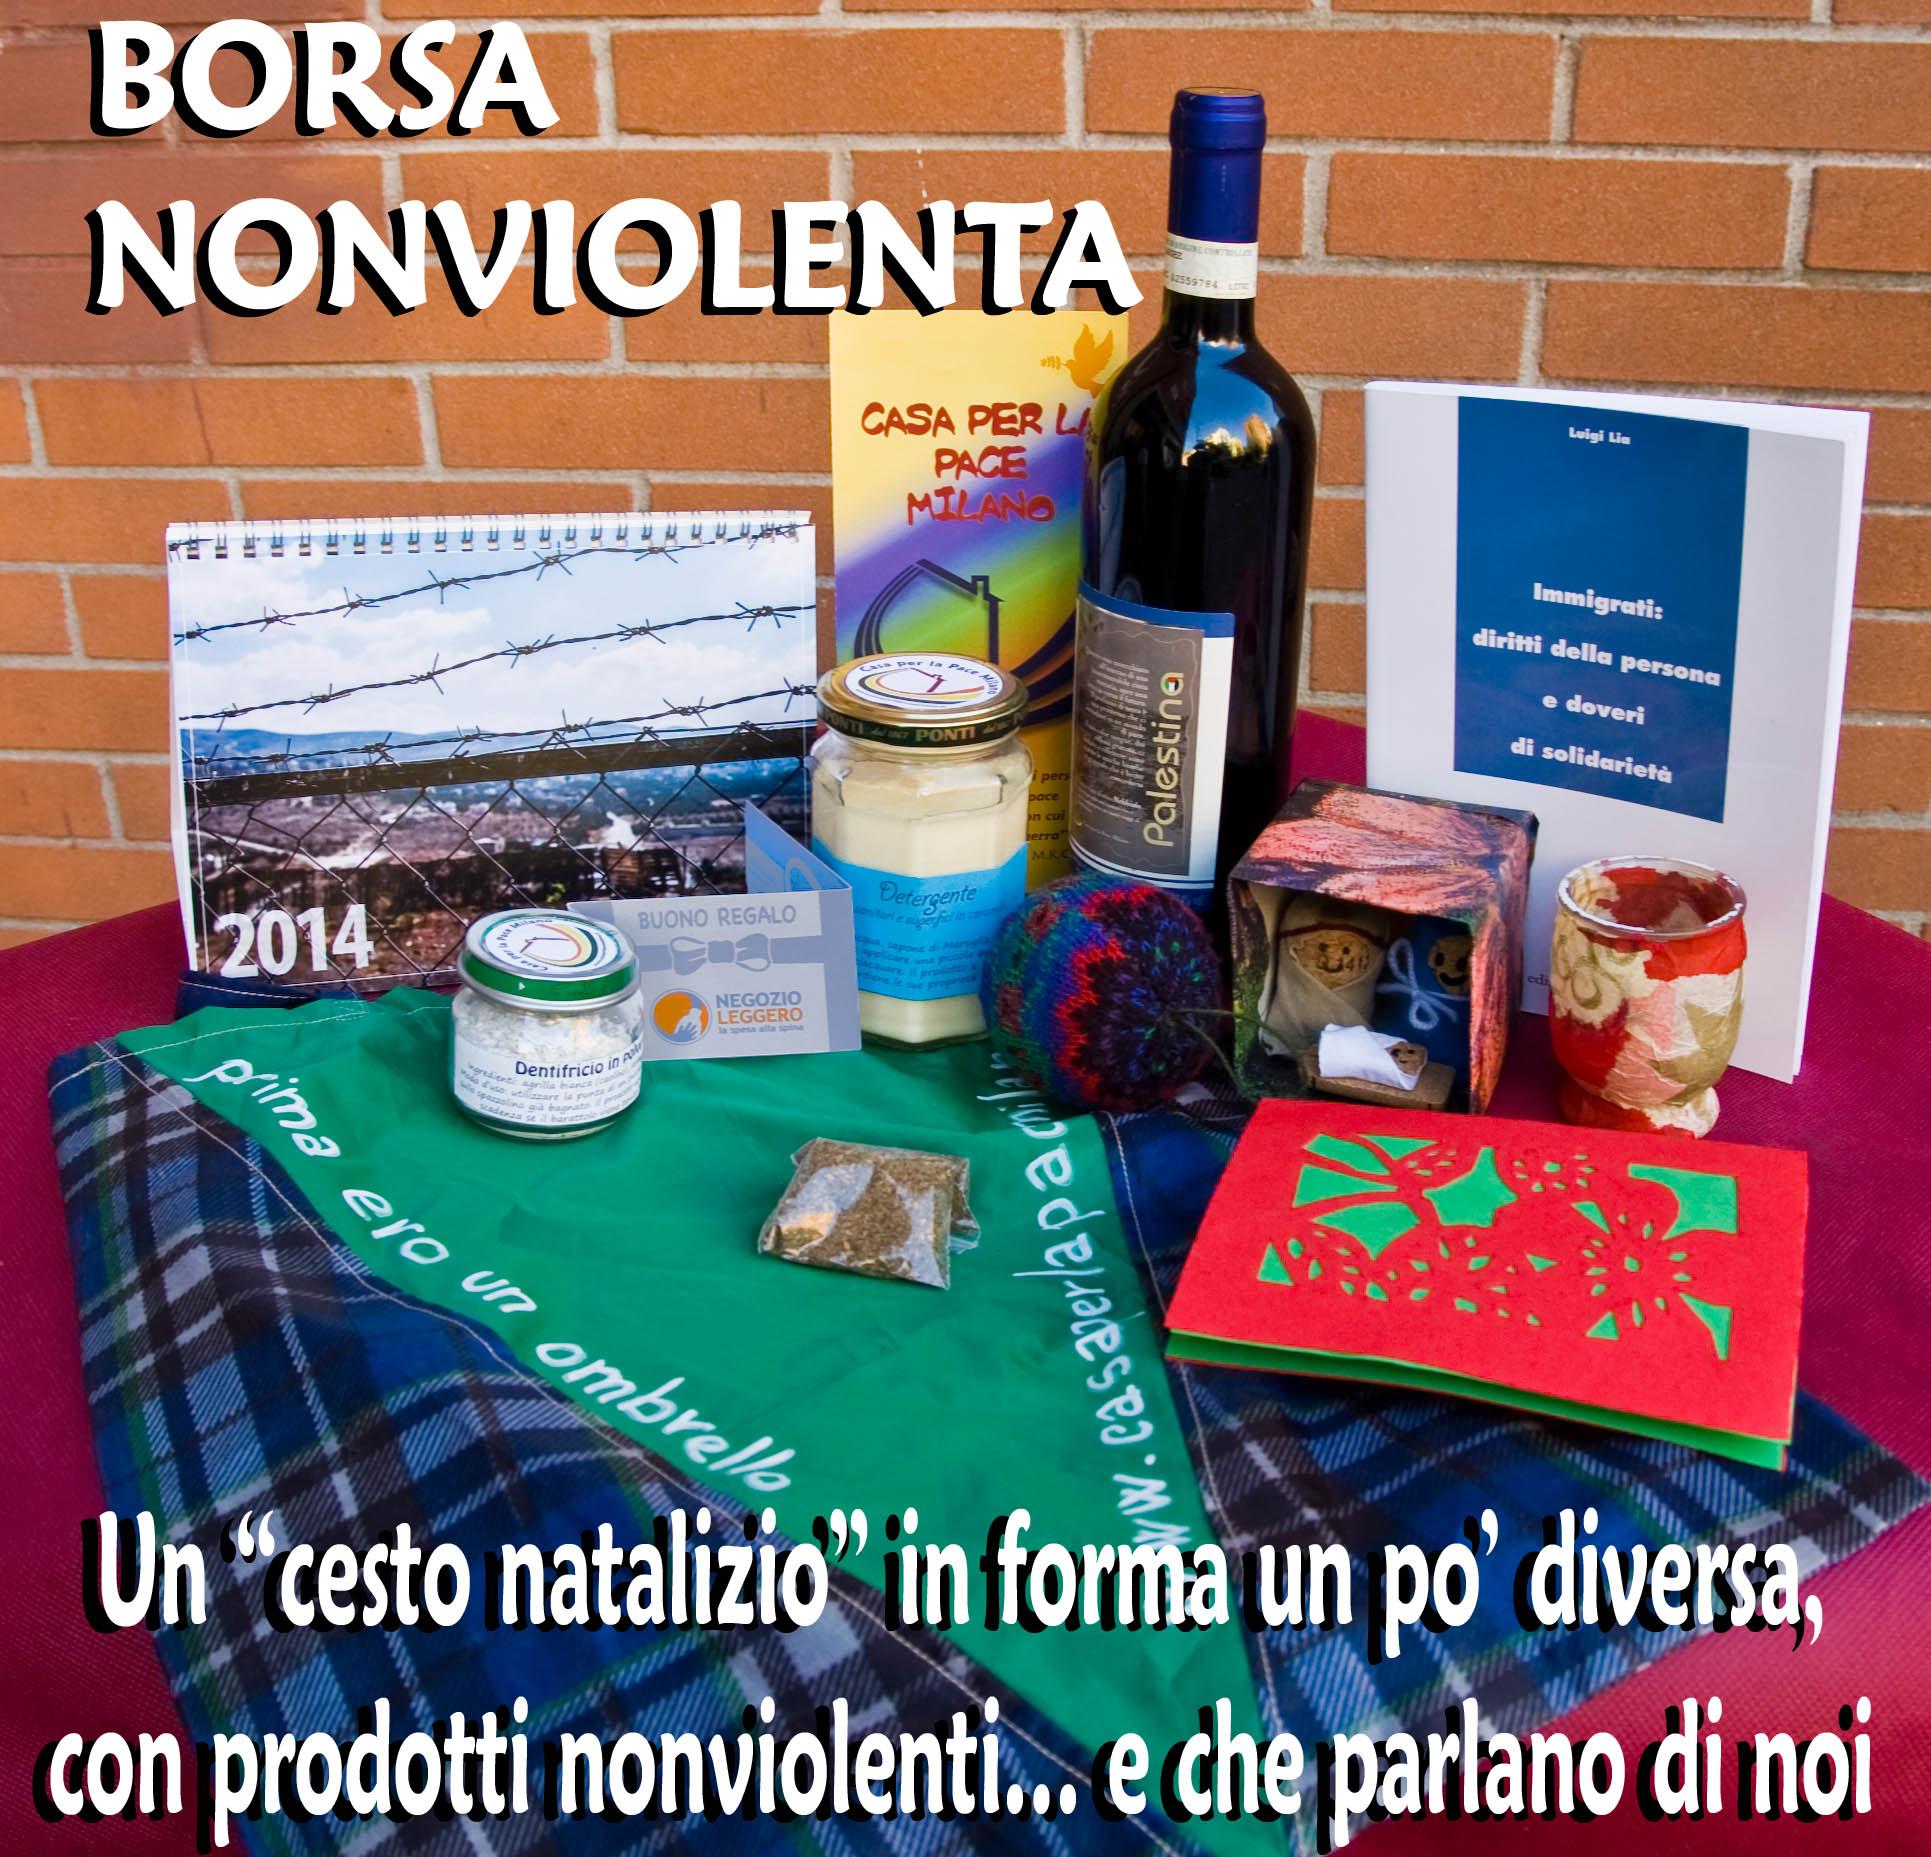 borsa nonviolenta - Un cesto natalizio in forma un po' diversa con prodotti nonviolenti.. e che parlano di noi